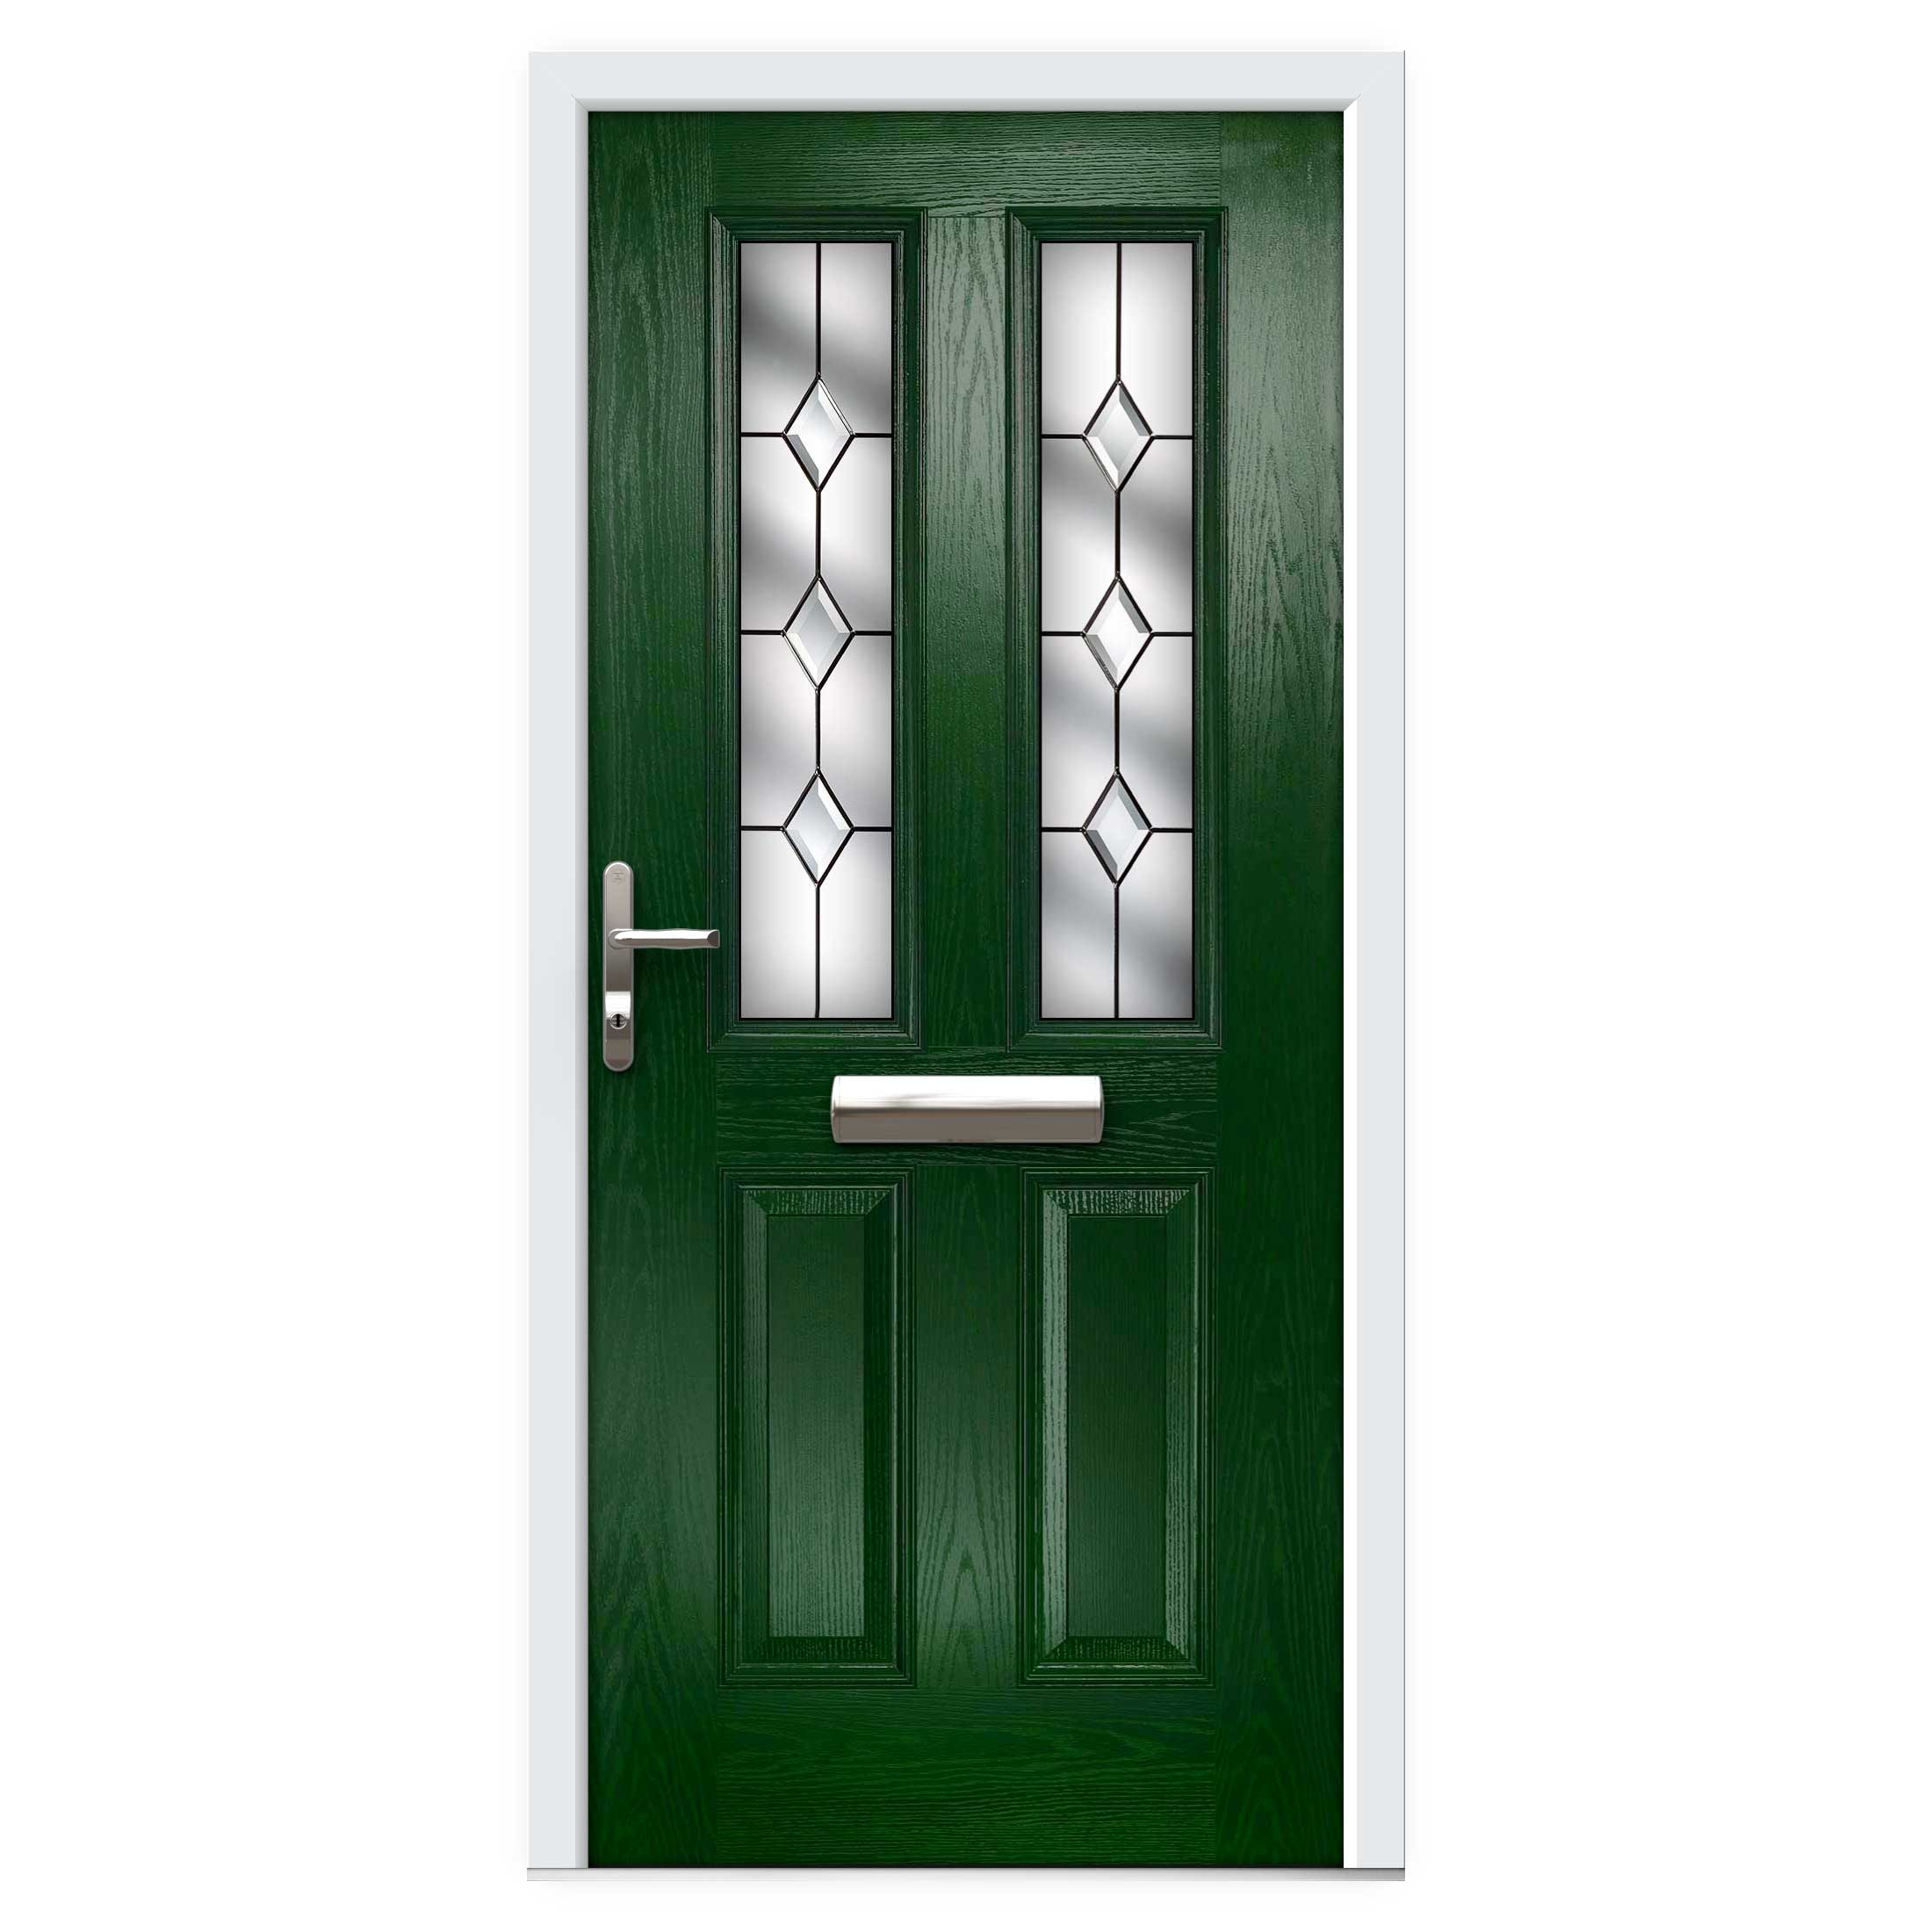 Narrow Lite Door : Green narrow lite composite front door flying doors